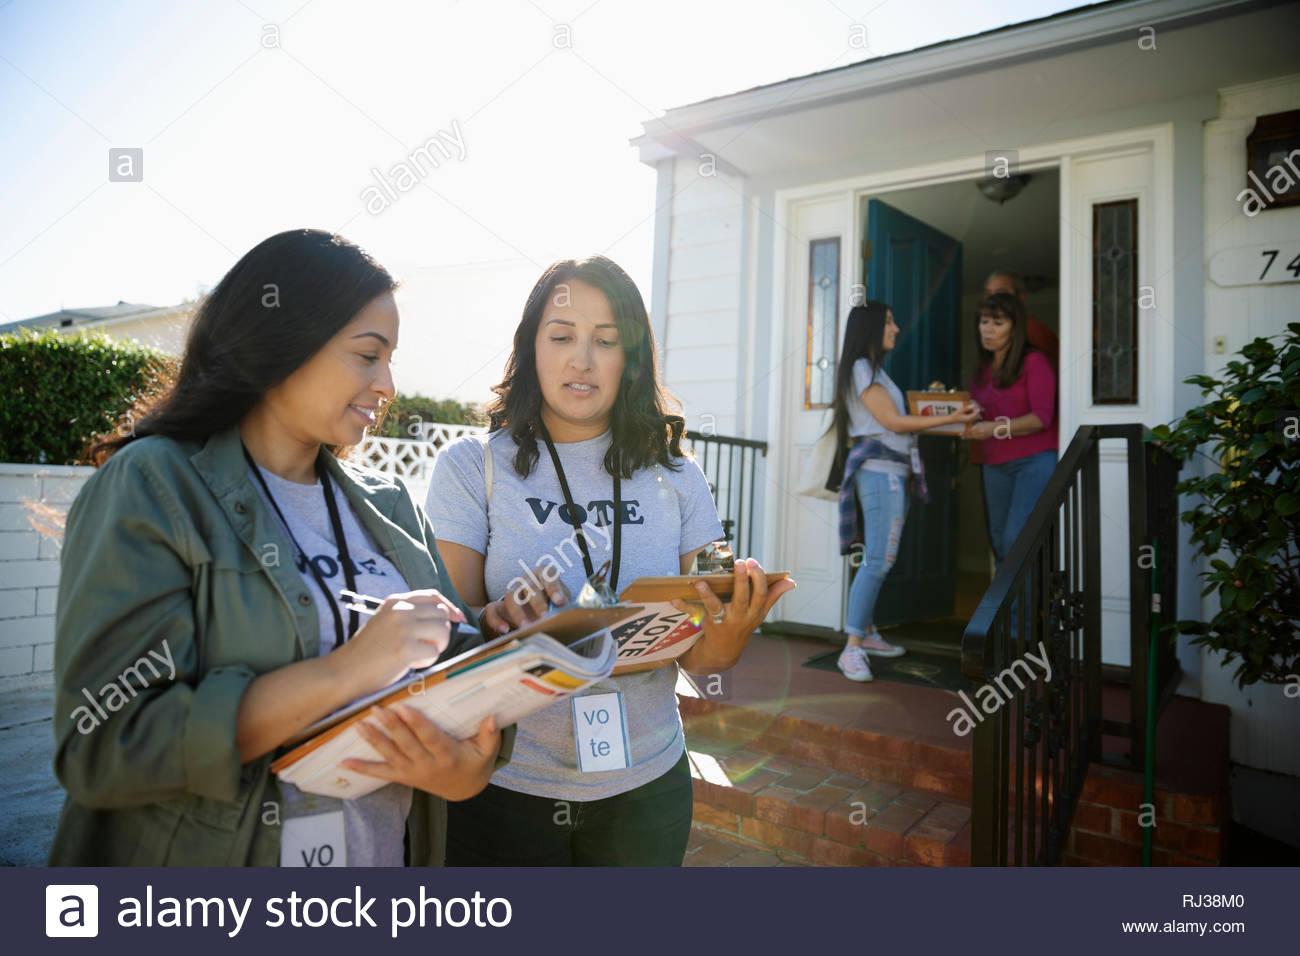 Latinx female volunteers canvassing voters door-to-door - Stock Image